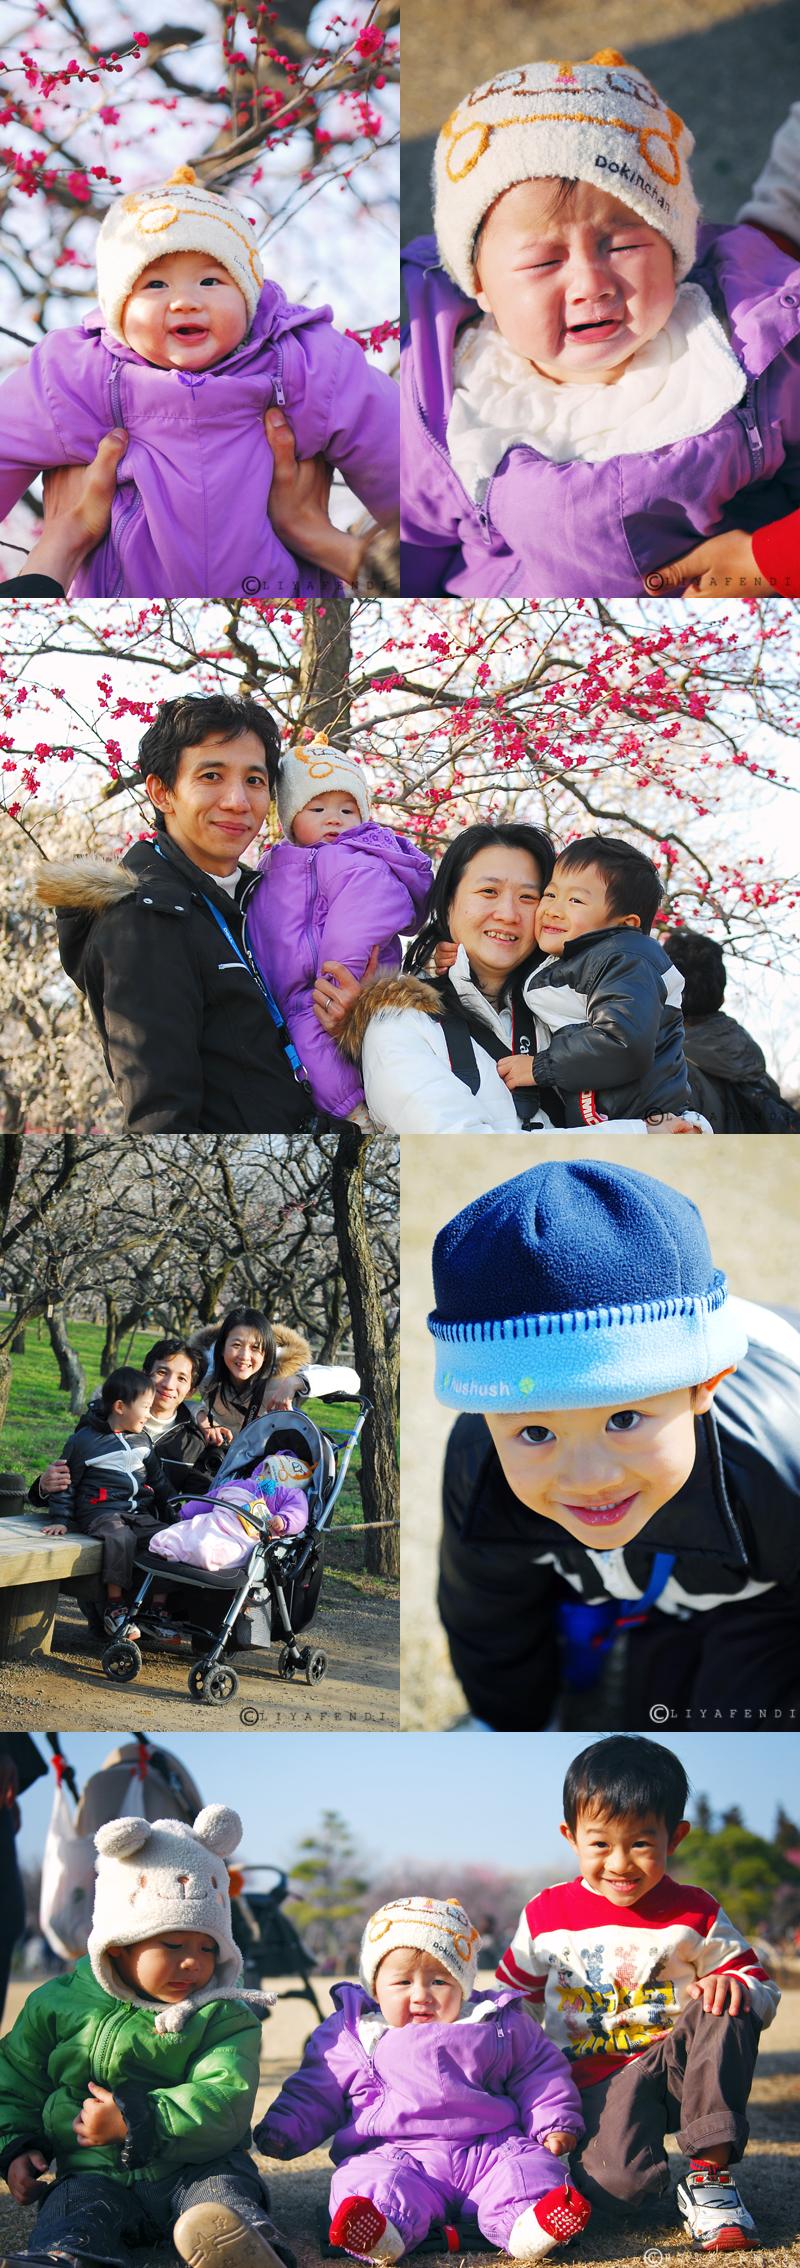 Teng Chan & Family